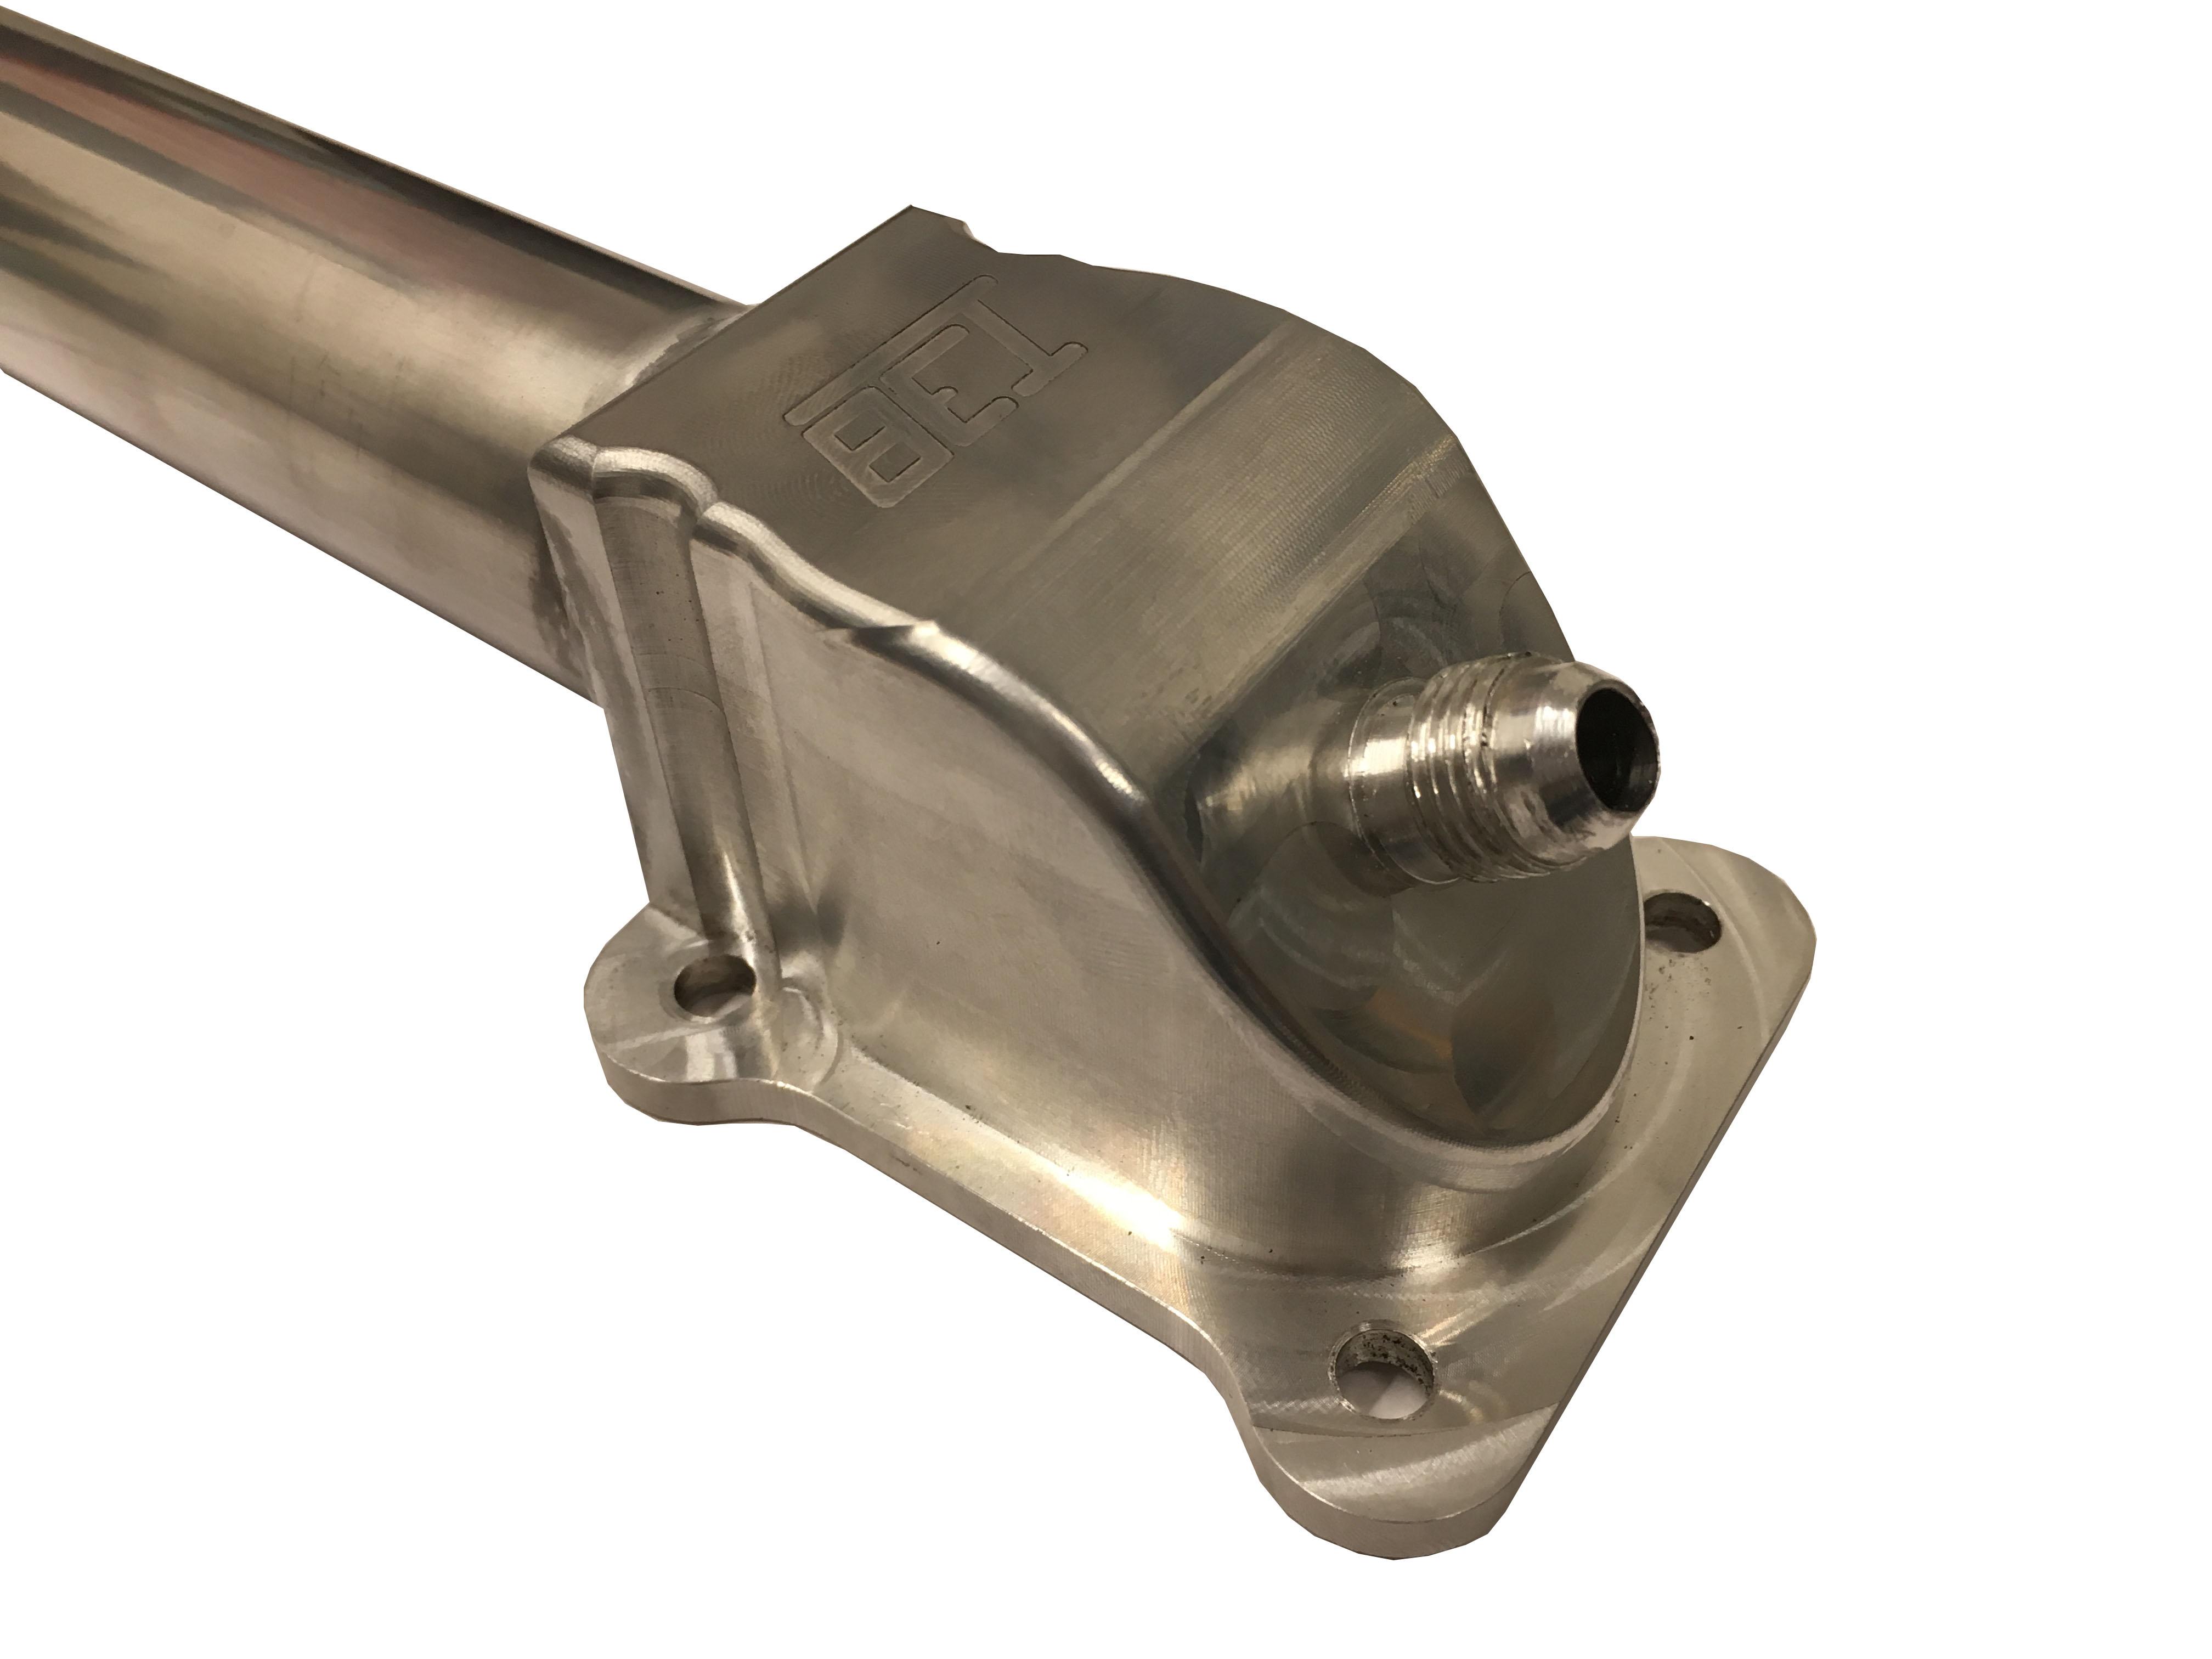 N54 Single Turbo Water Pipe